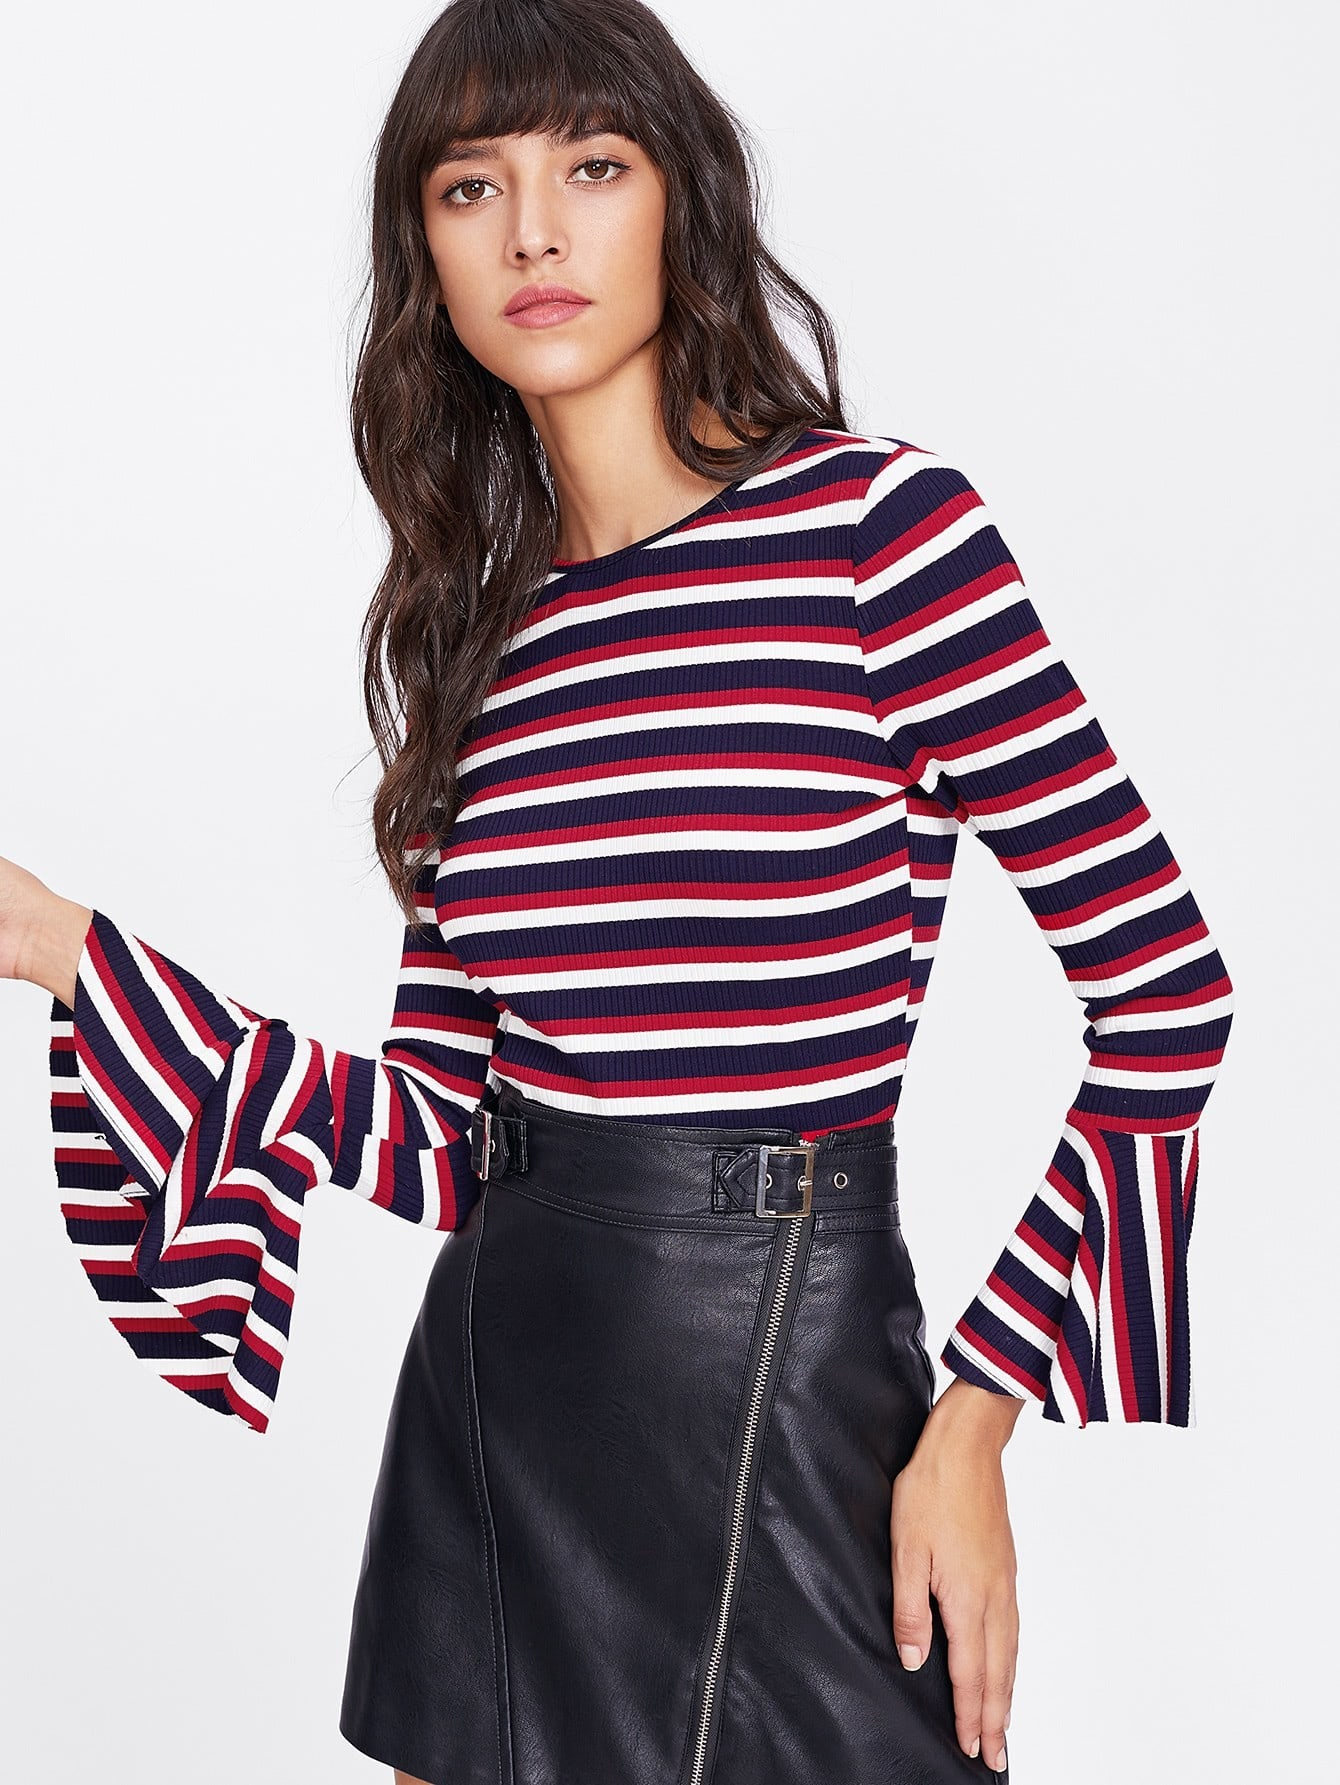 Trumpet Sleeve Rib Knit Striped T-shirt tee171116452